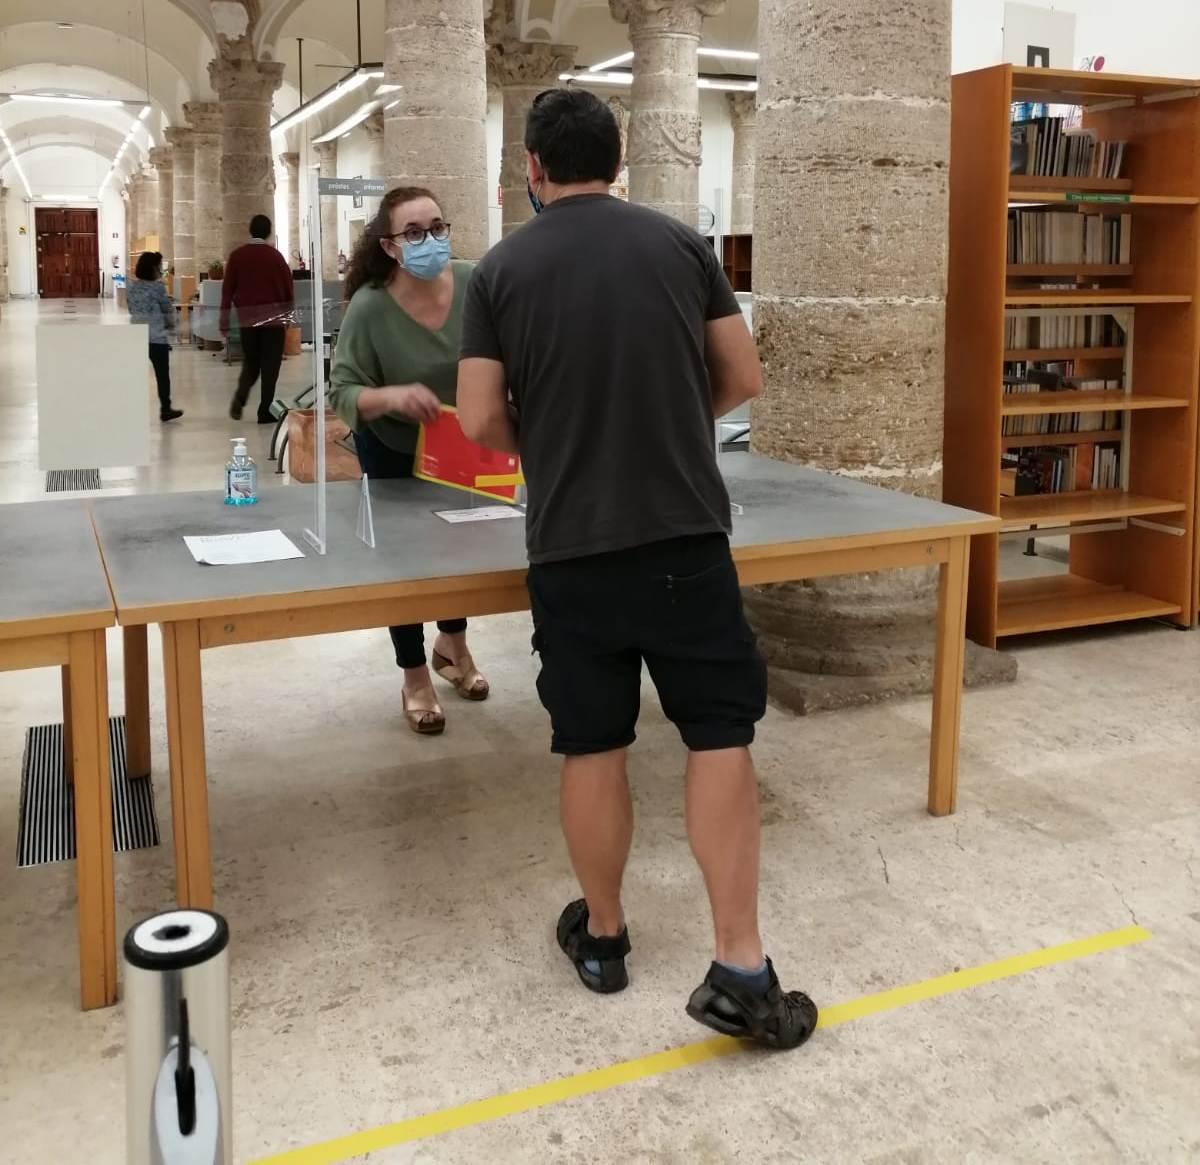 Les biblioteques de la Generalitat registren en la seua obertura una afluència de visitants moderada i constant